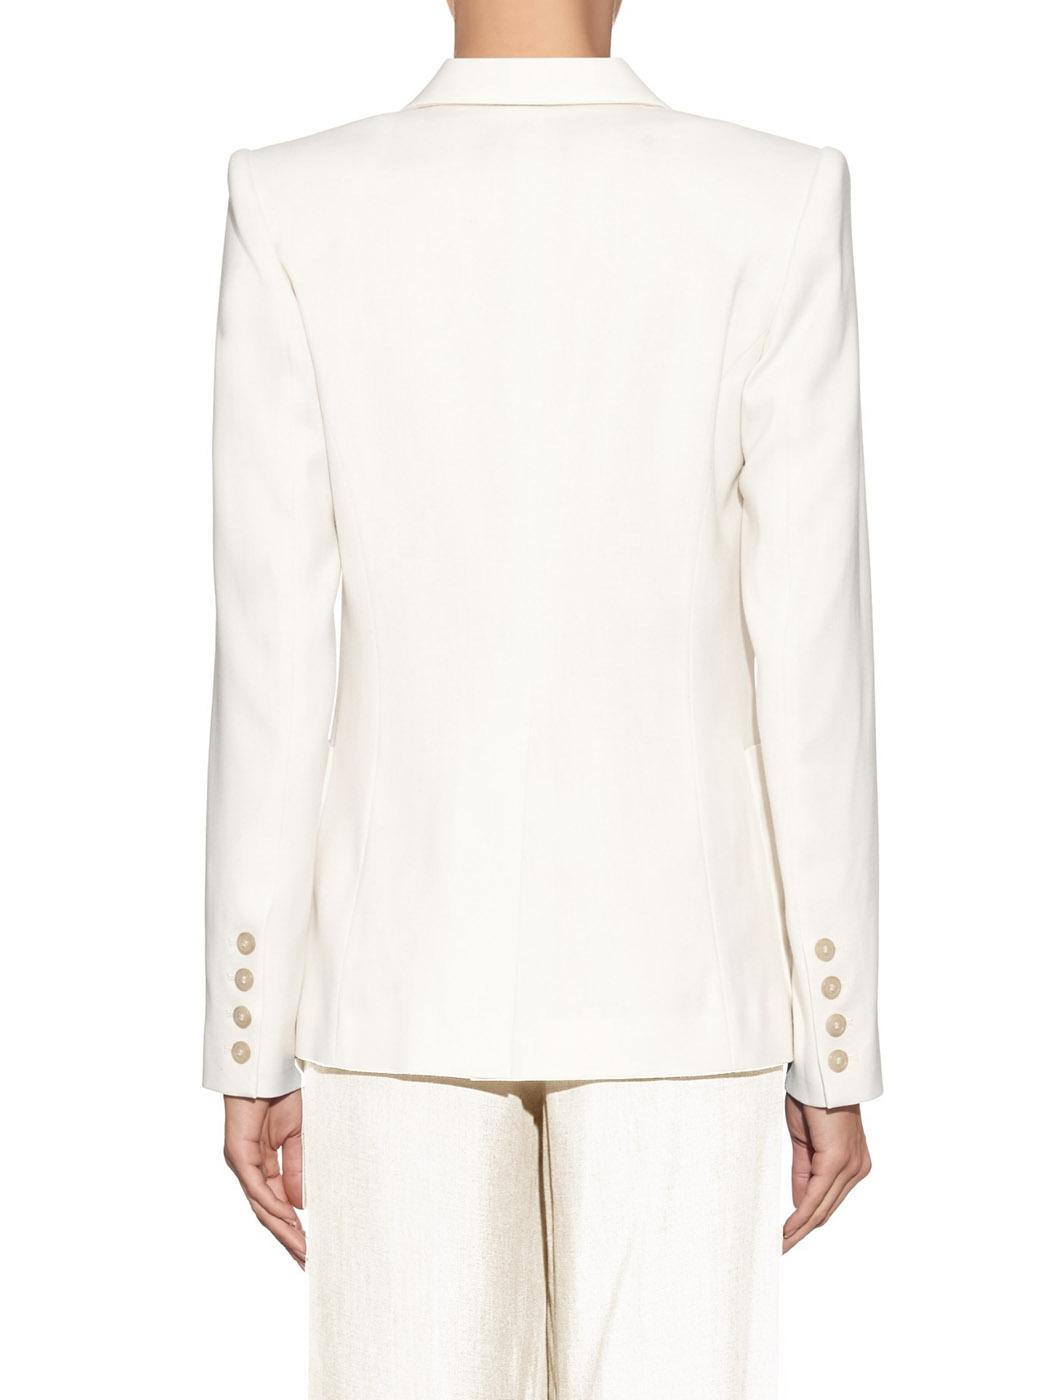 5ba5ab85fac Louise Paris - ISABEL MARANT Ivory white suit with Dryam blazer ...